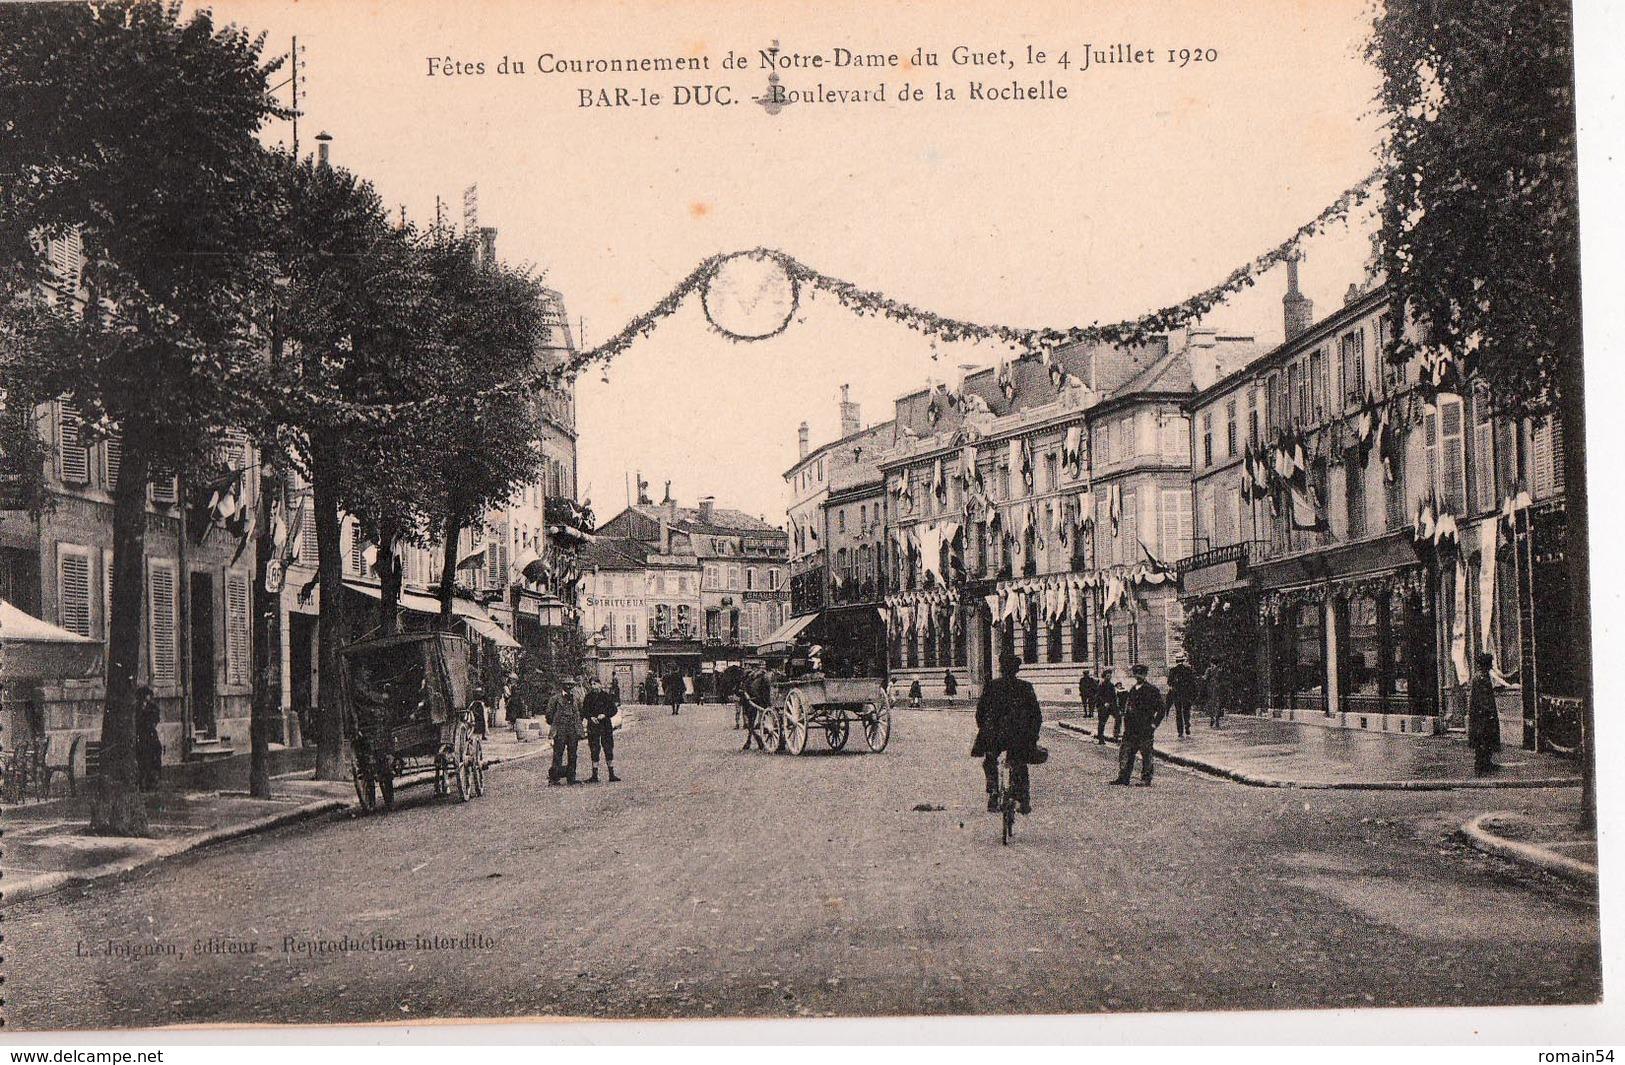 BAR LE DUC-FETES DU COURONNEMENT DE N.D. DU GUET-BOULEVARD DE LA ROCHELLE - Bar Le Duc